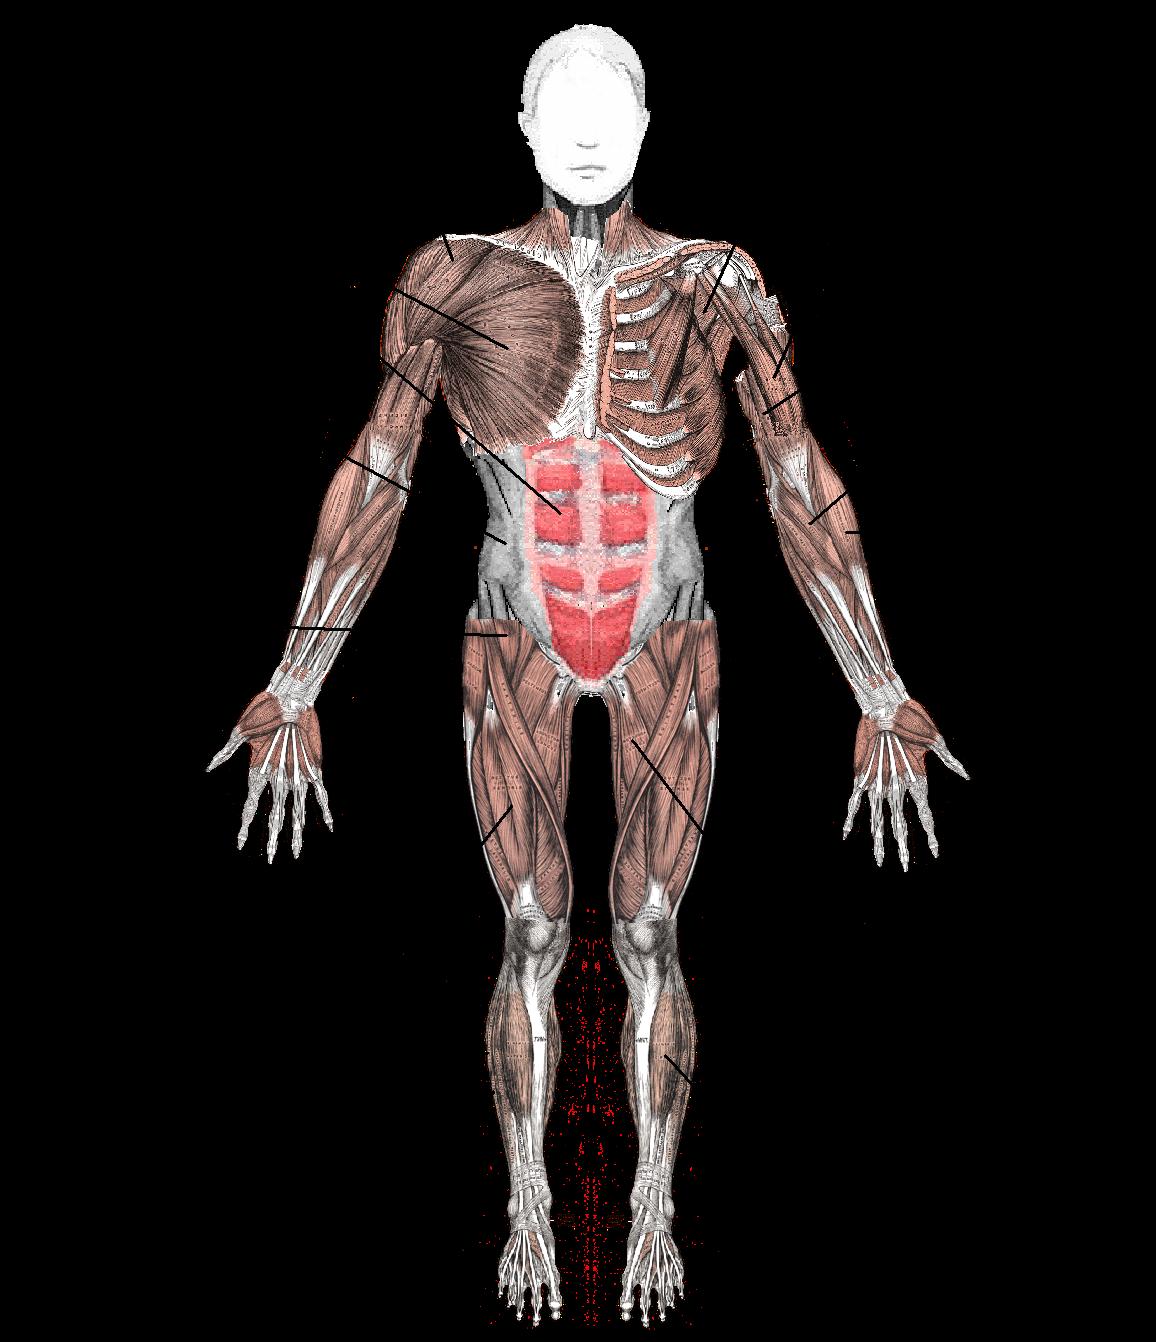 Fein Abs Muskel Diagramm Galerie - Menschliche Anatomie Bilder ...